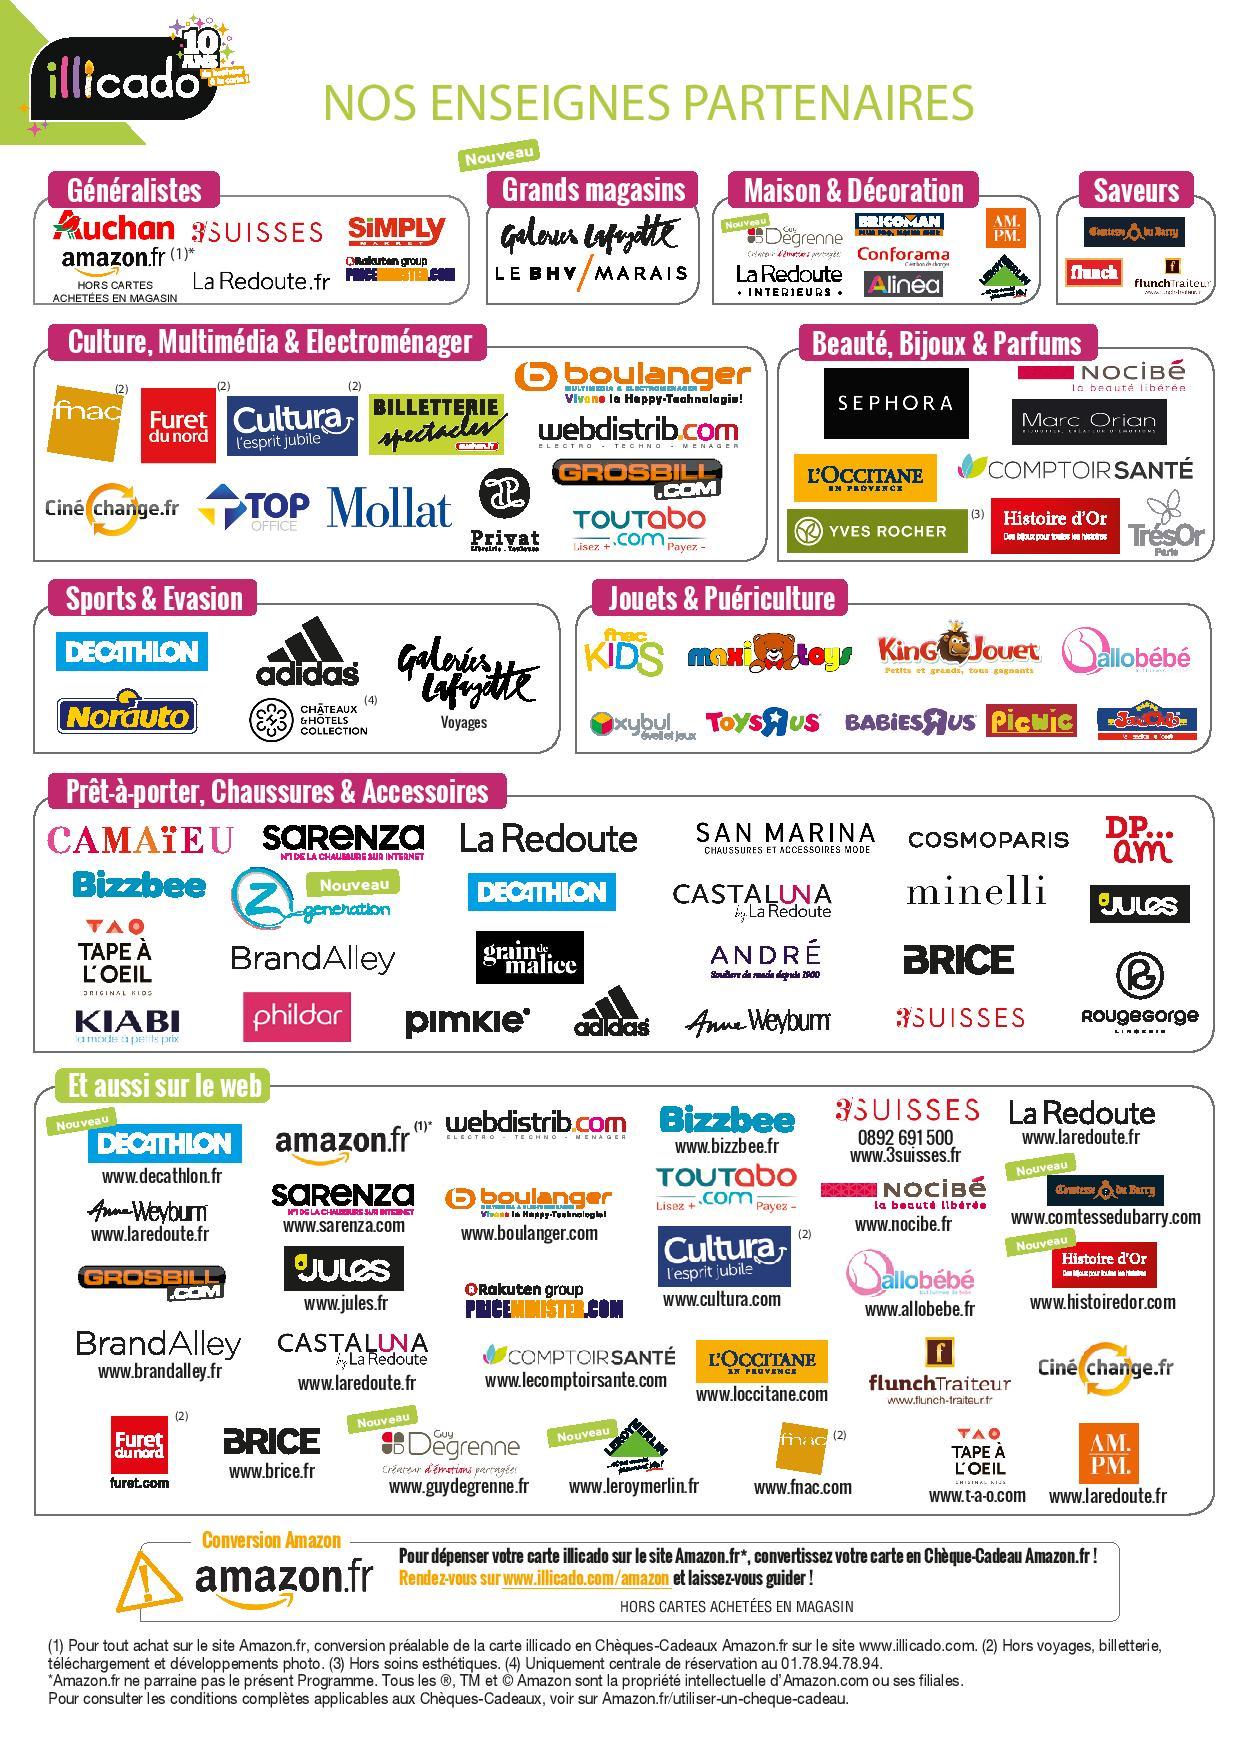 Carte Illicado Auchan.Toutes Les Enseignes Acceptant Illicado